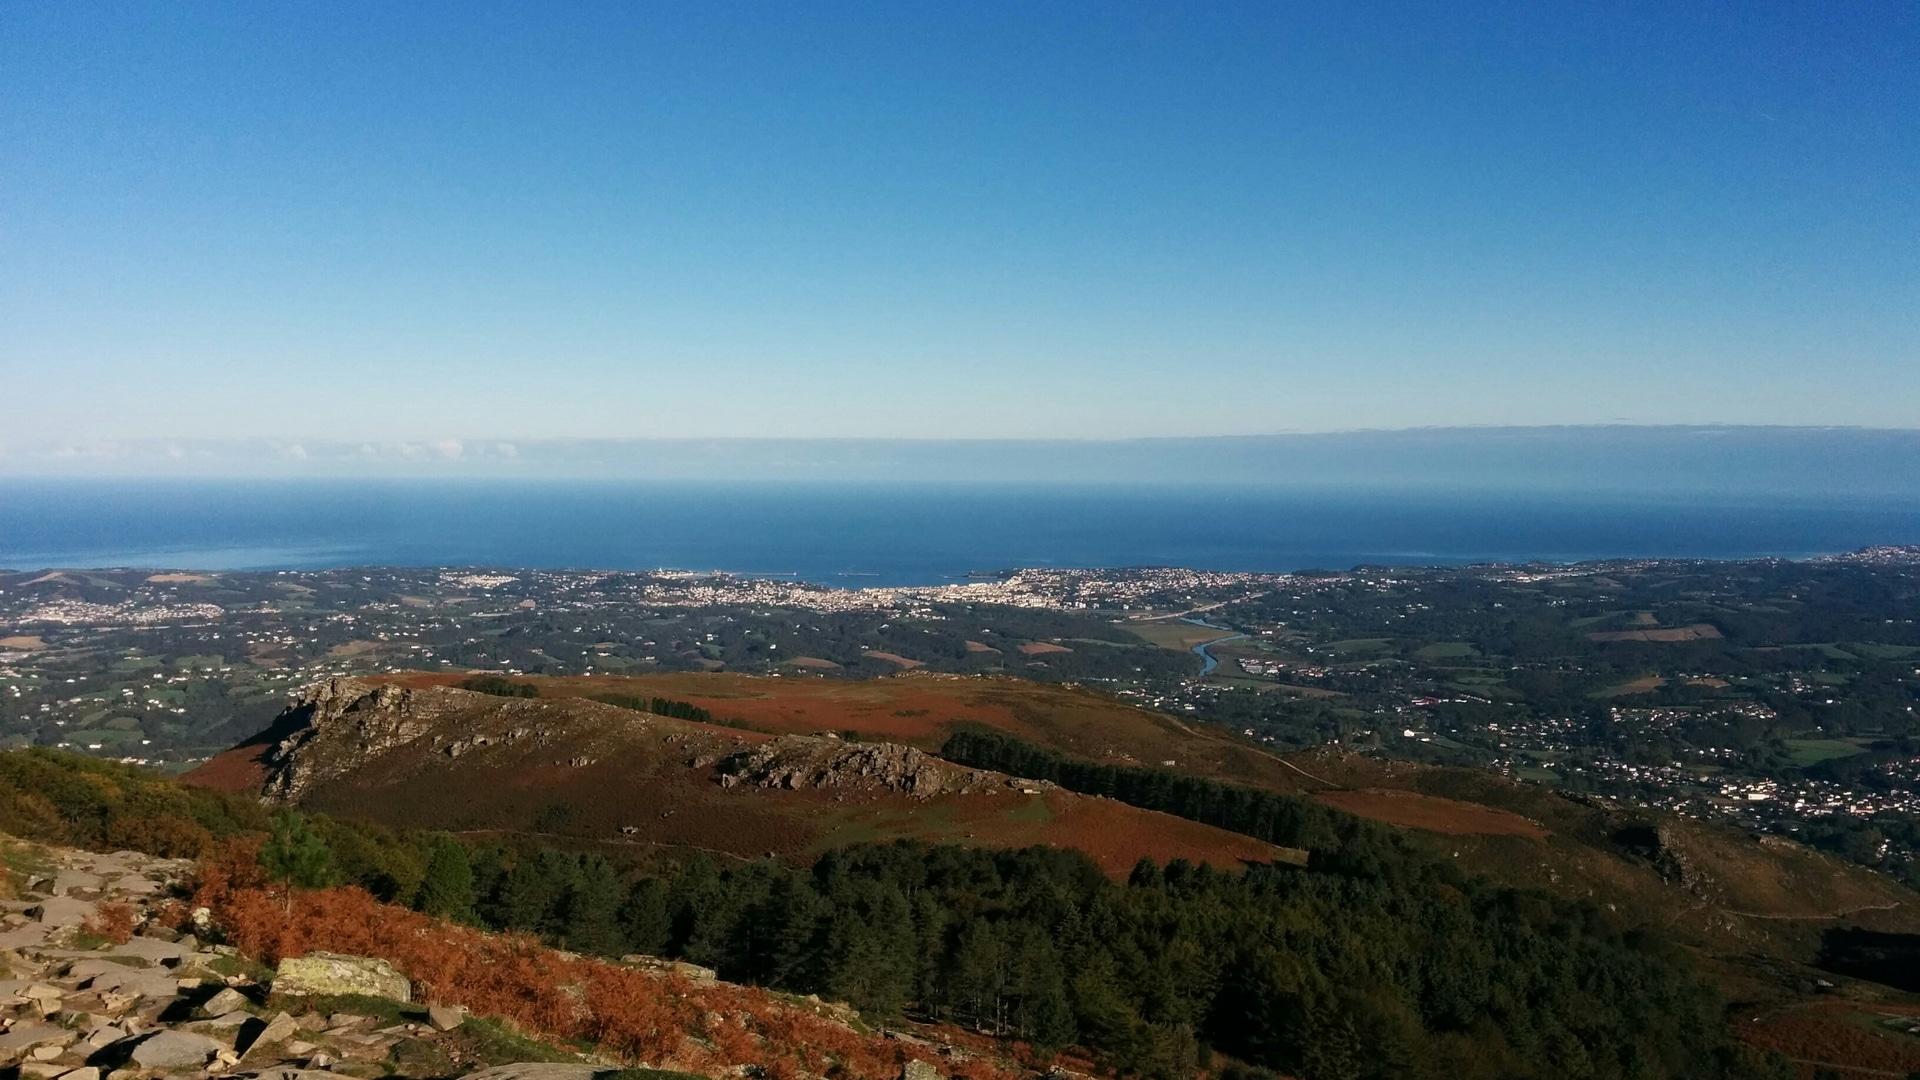 Vue panoramique sur la côte basque depuis la Rhune